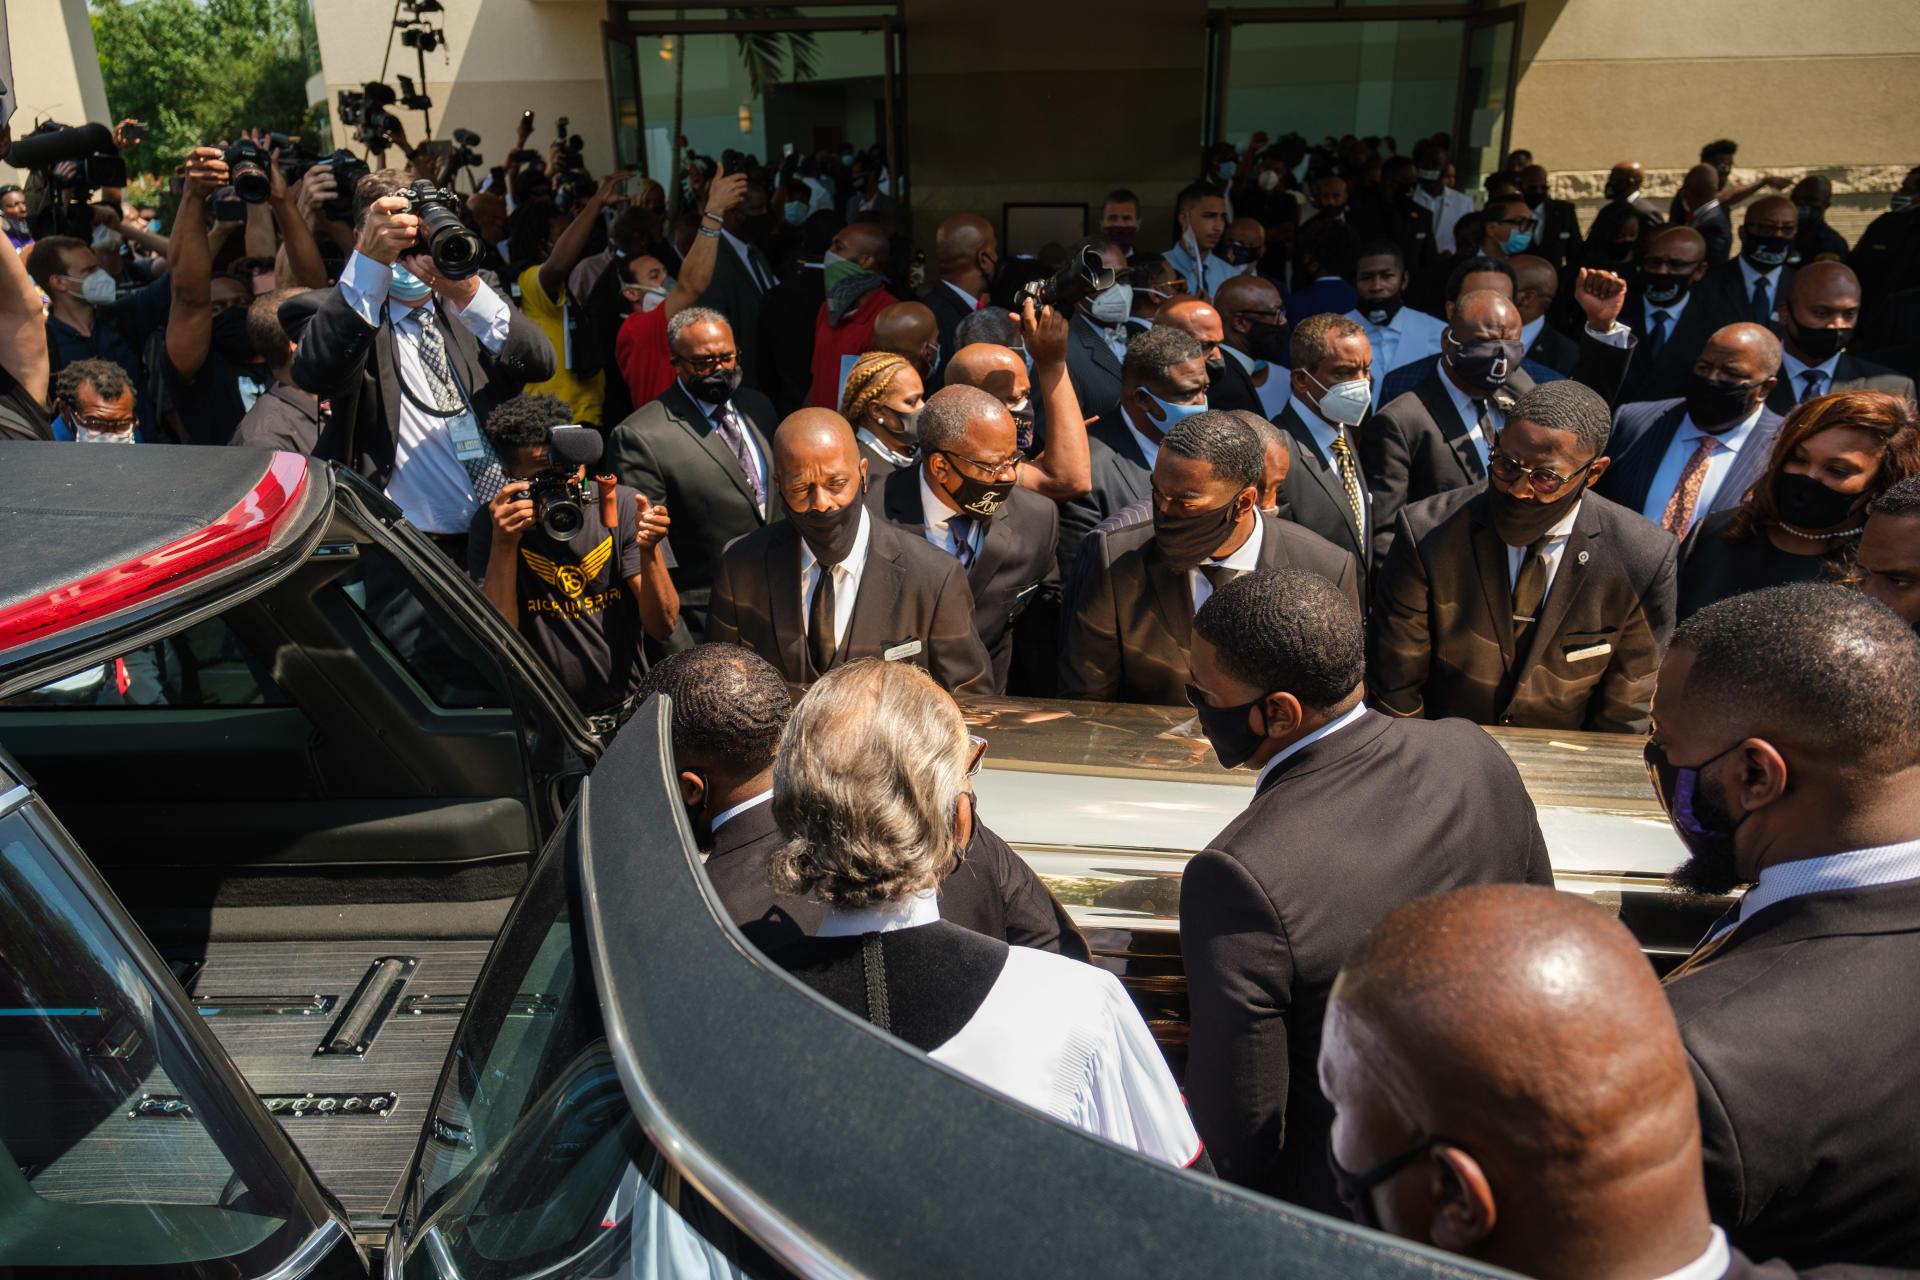 La dépouille de George Floyd à son arrivée à l'église où ont lieu ses funérailles, à Houston, le 9 juin.